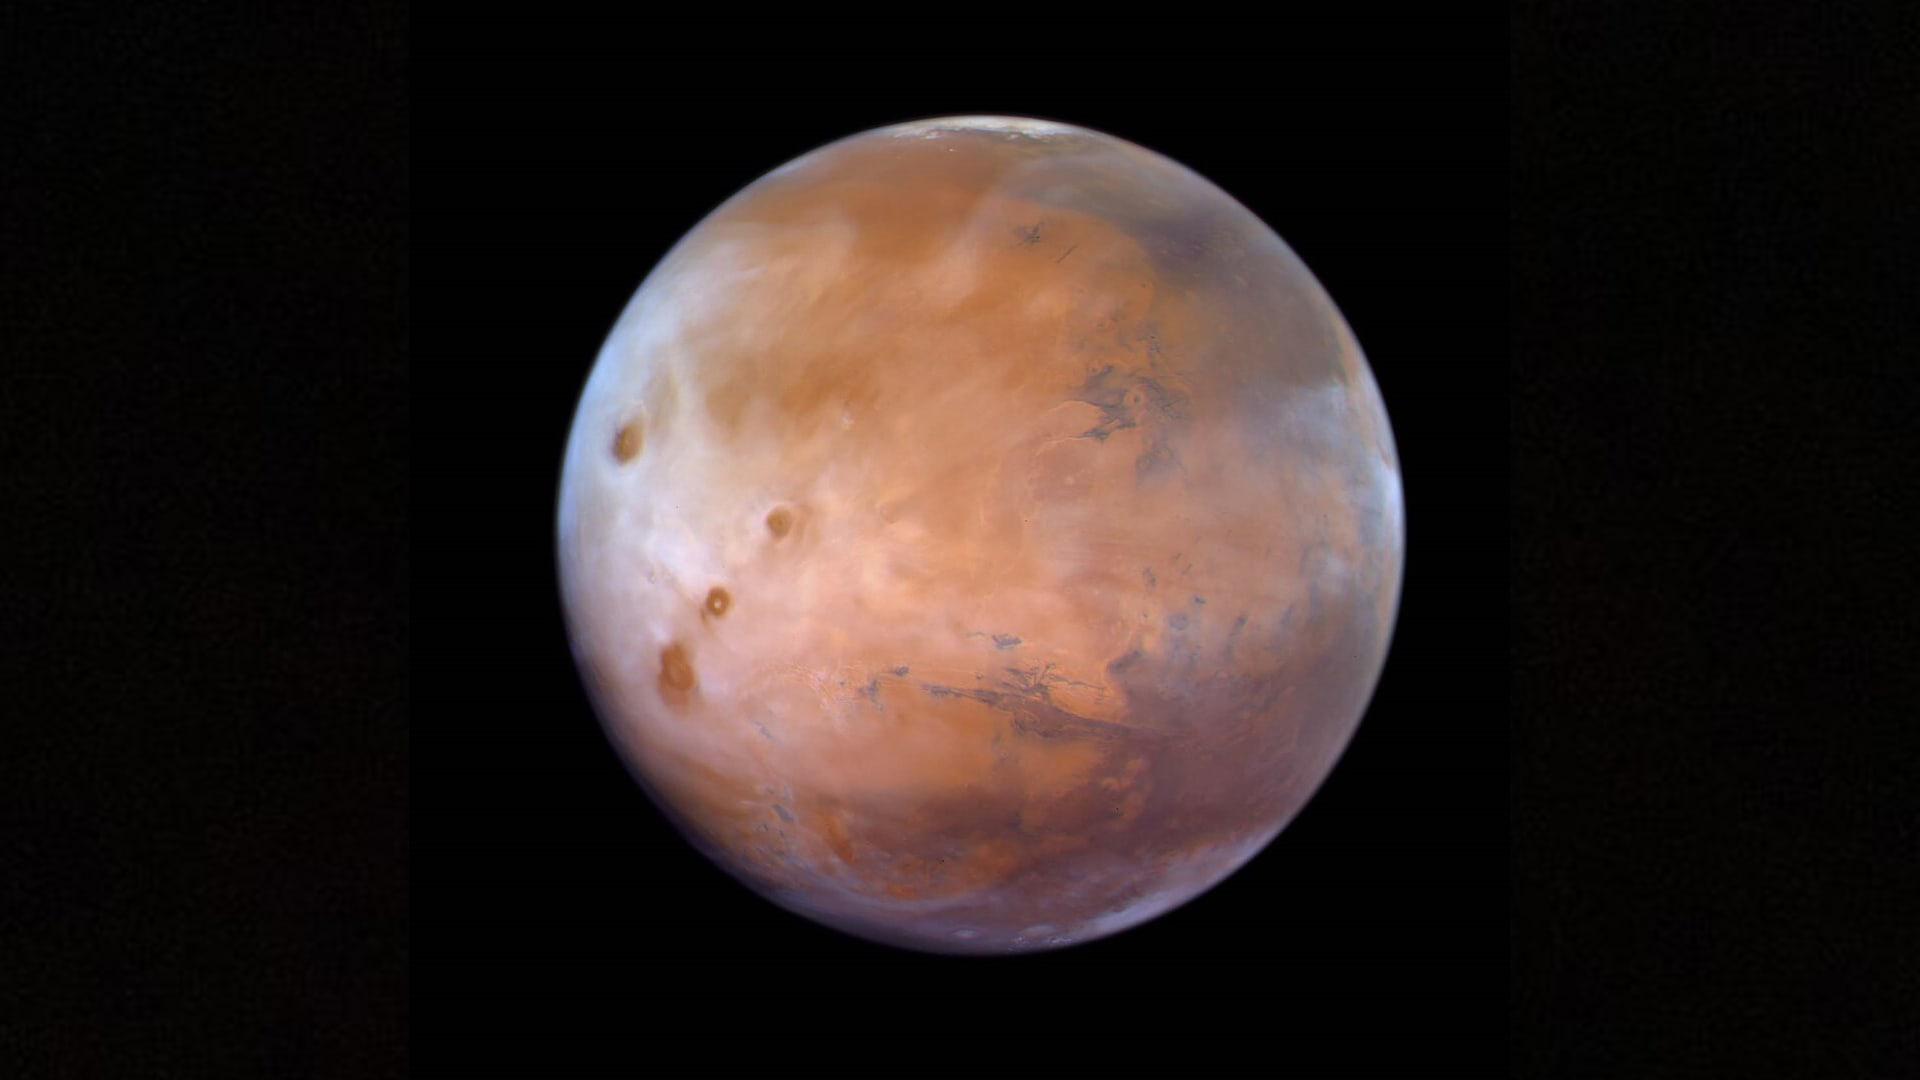 """""""مسبار الأمل"""" يقدم اكتشافات جديدة عن المريخ.. ومحمد بن راشد: بدأنا مشاركة البيانات"""